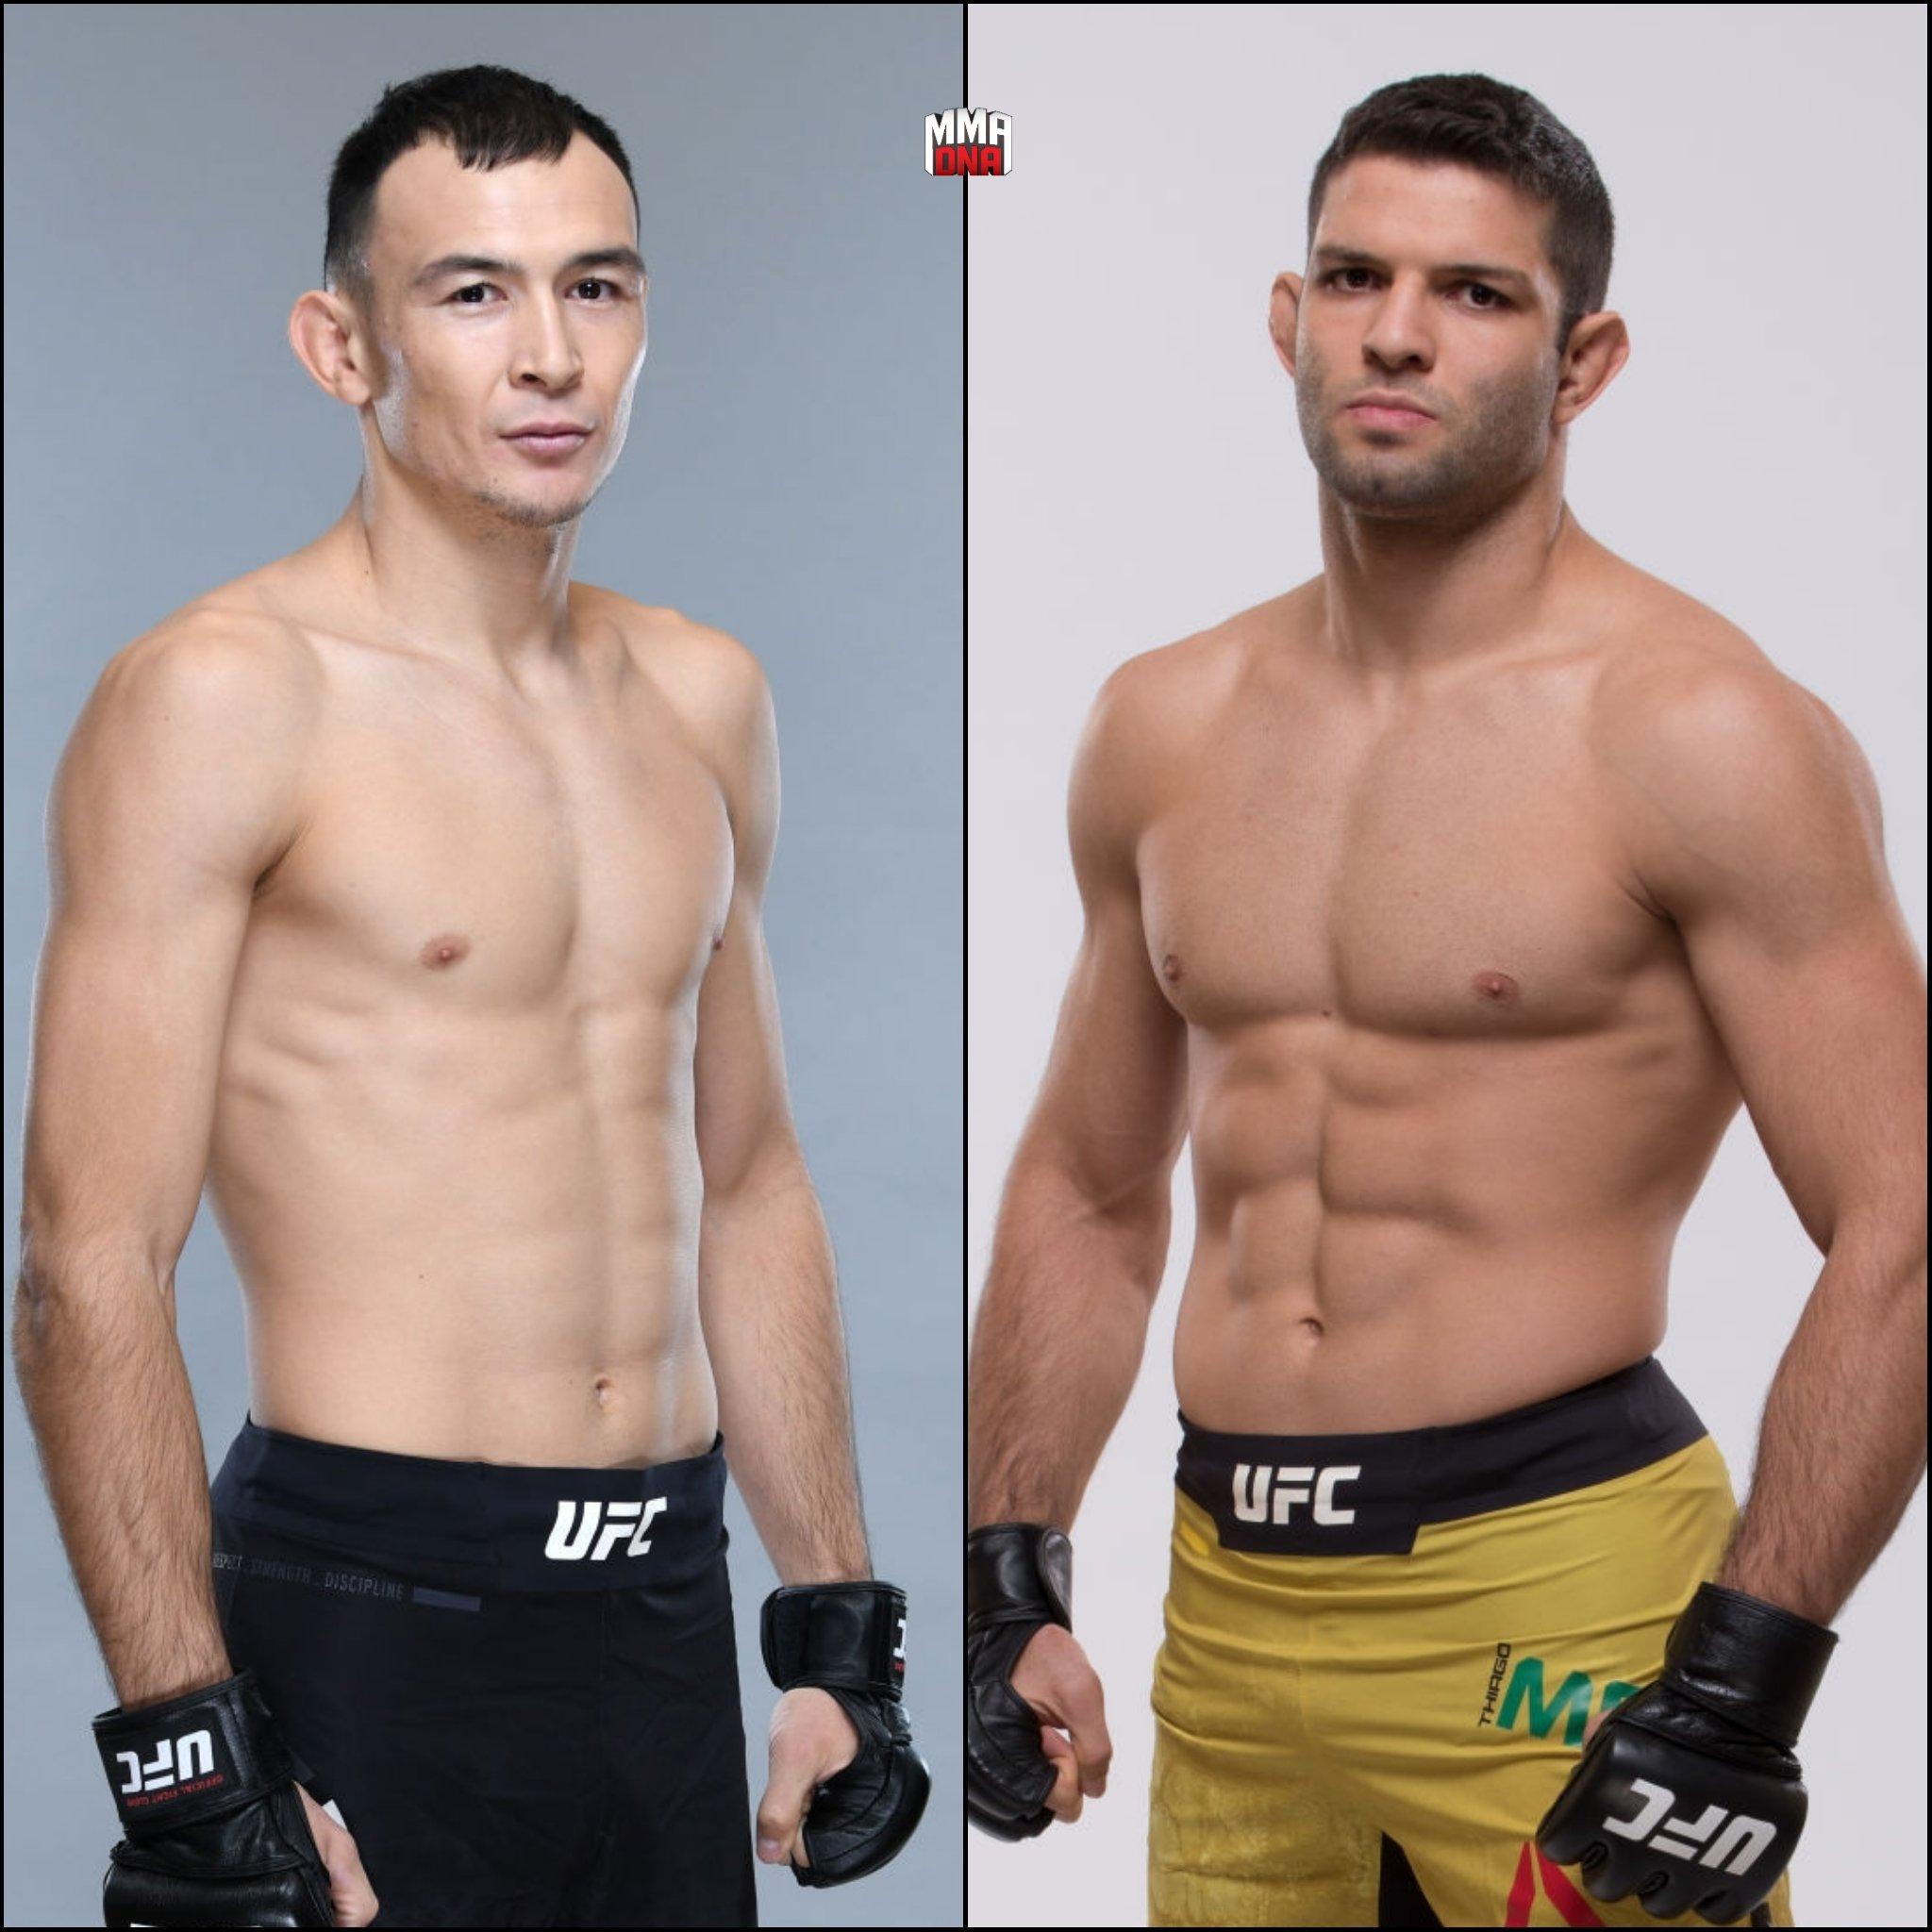 Damir Ismagulov will fight Thiago Moises at UFN 157 in Shenzhen, China. (Aug. 31, 2019). (per @MMAFighting) #UFC #UFCShenzhen #MMA #UFCESPN https://t.co/vi8swYAbn9